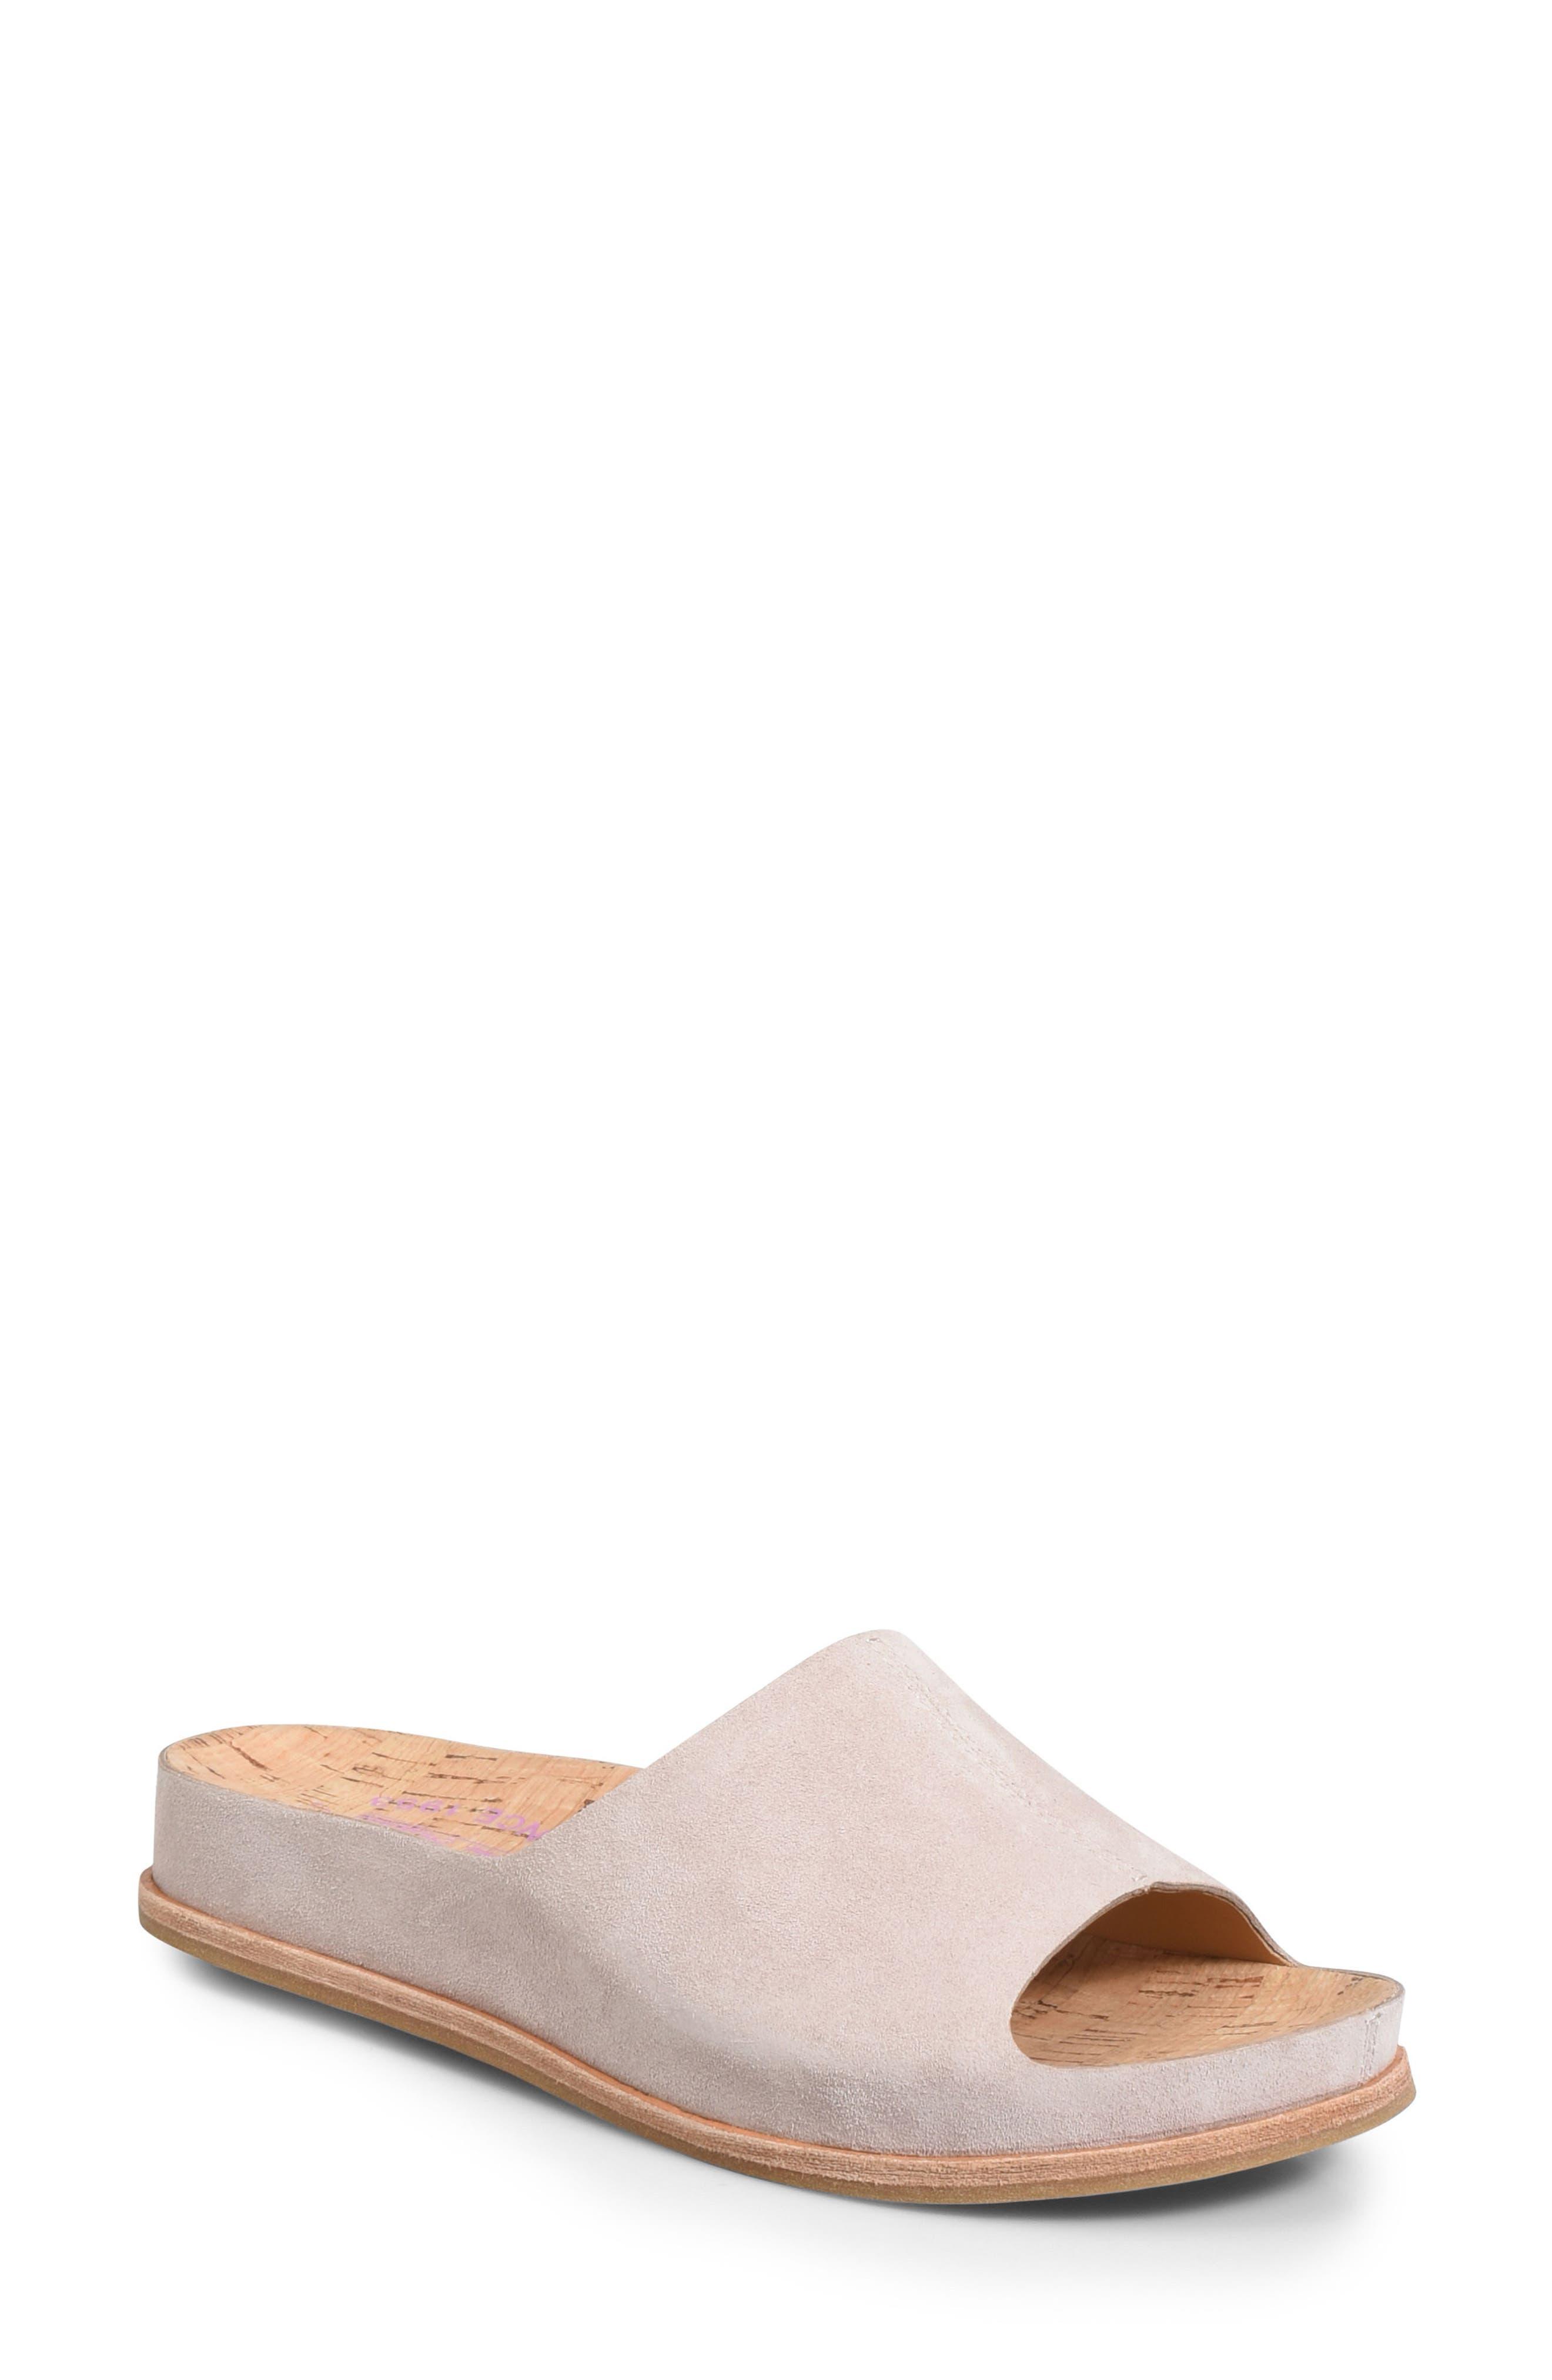 Main Image - Kork-Ease® 'Tutsi' Slide Sandal (Women)